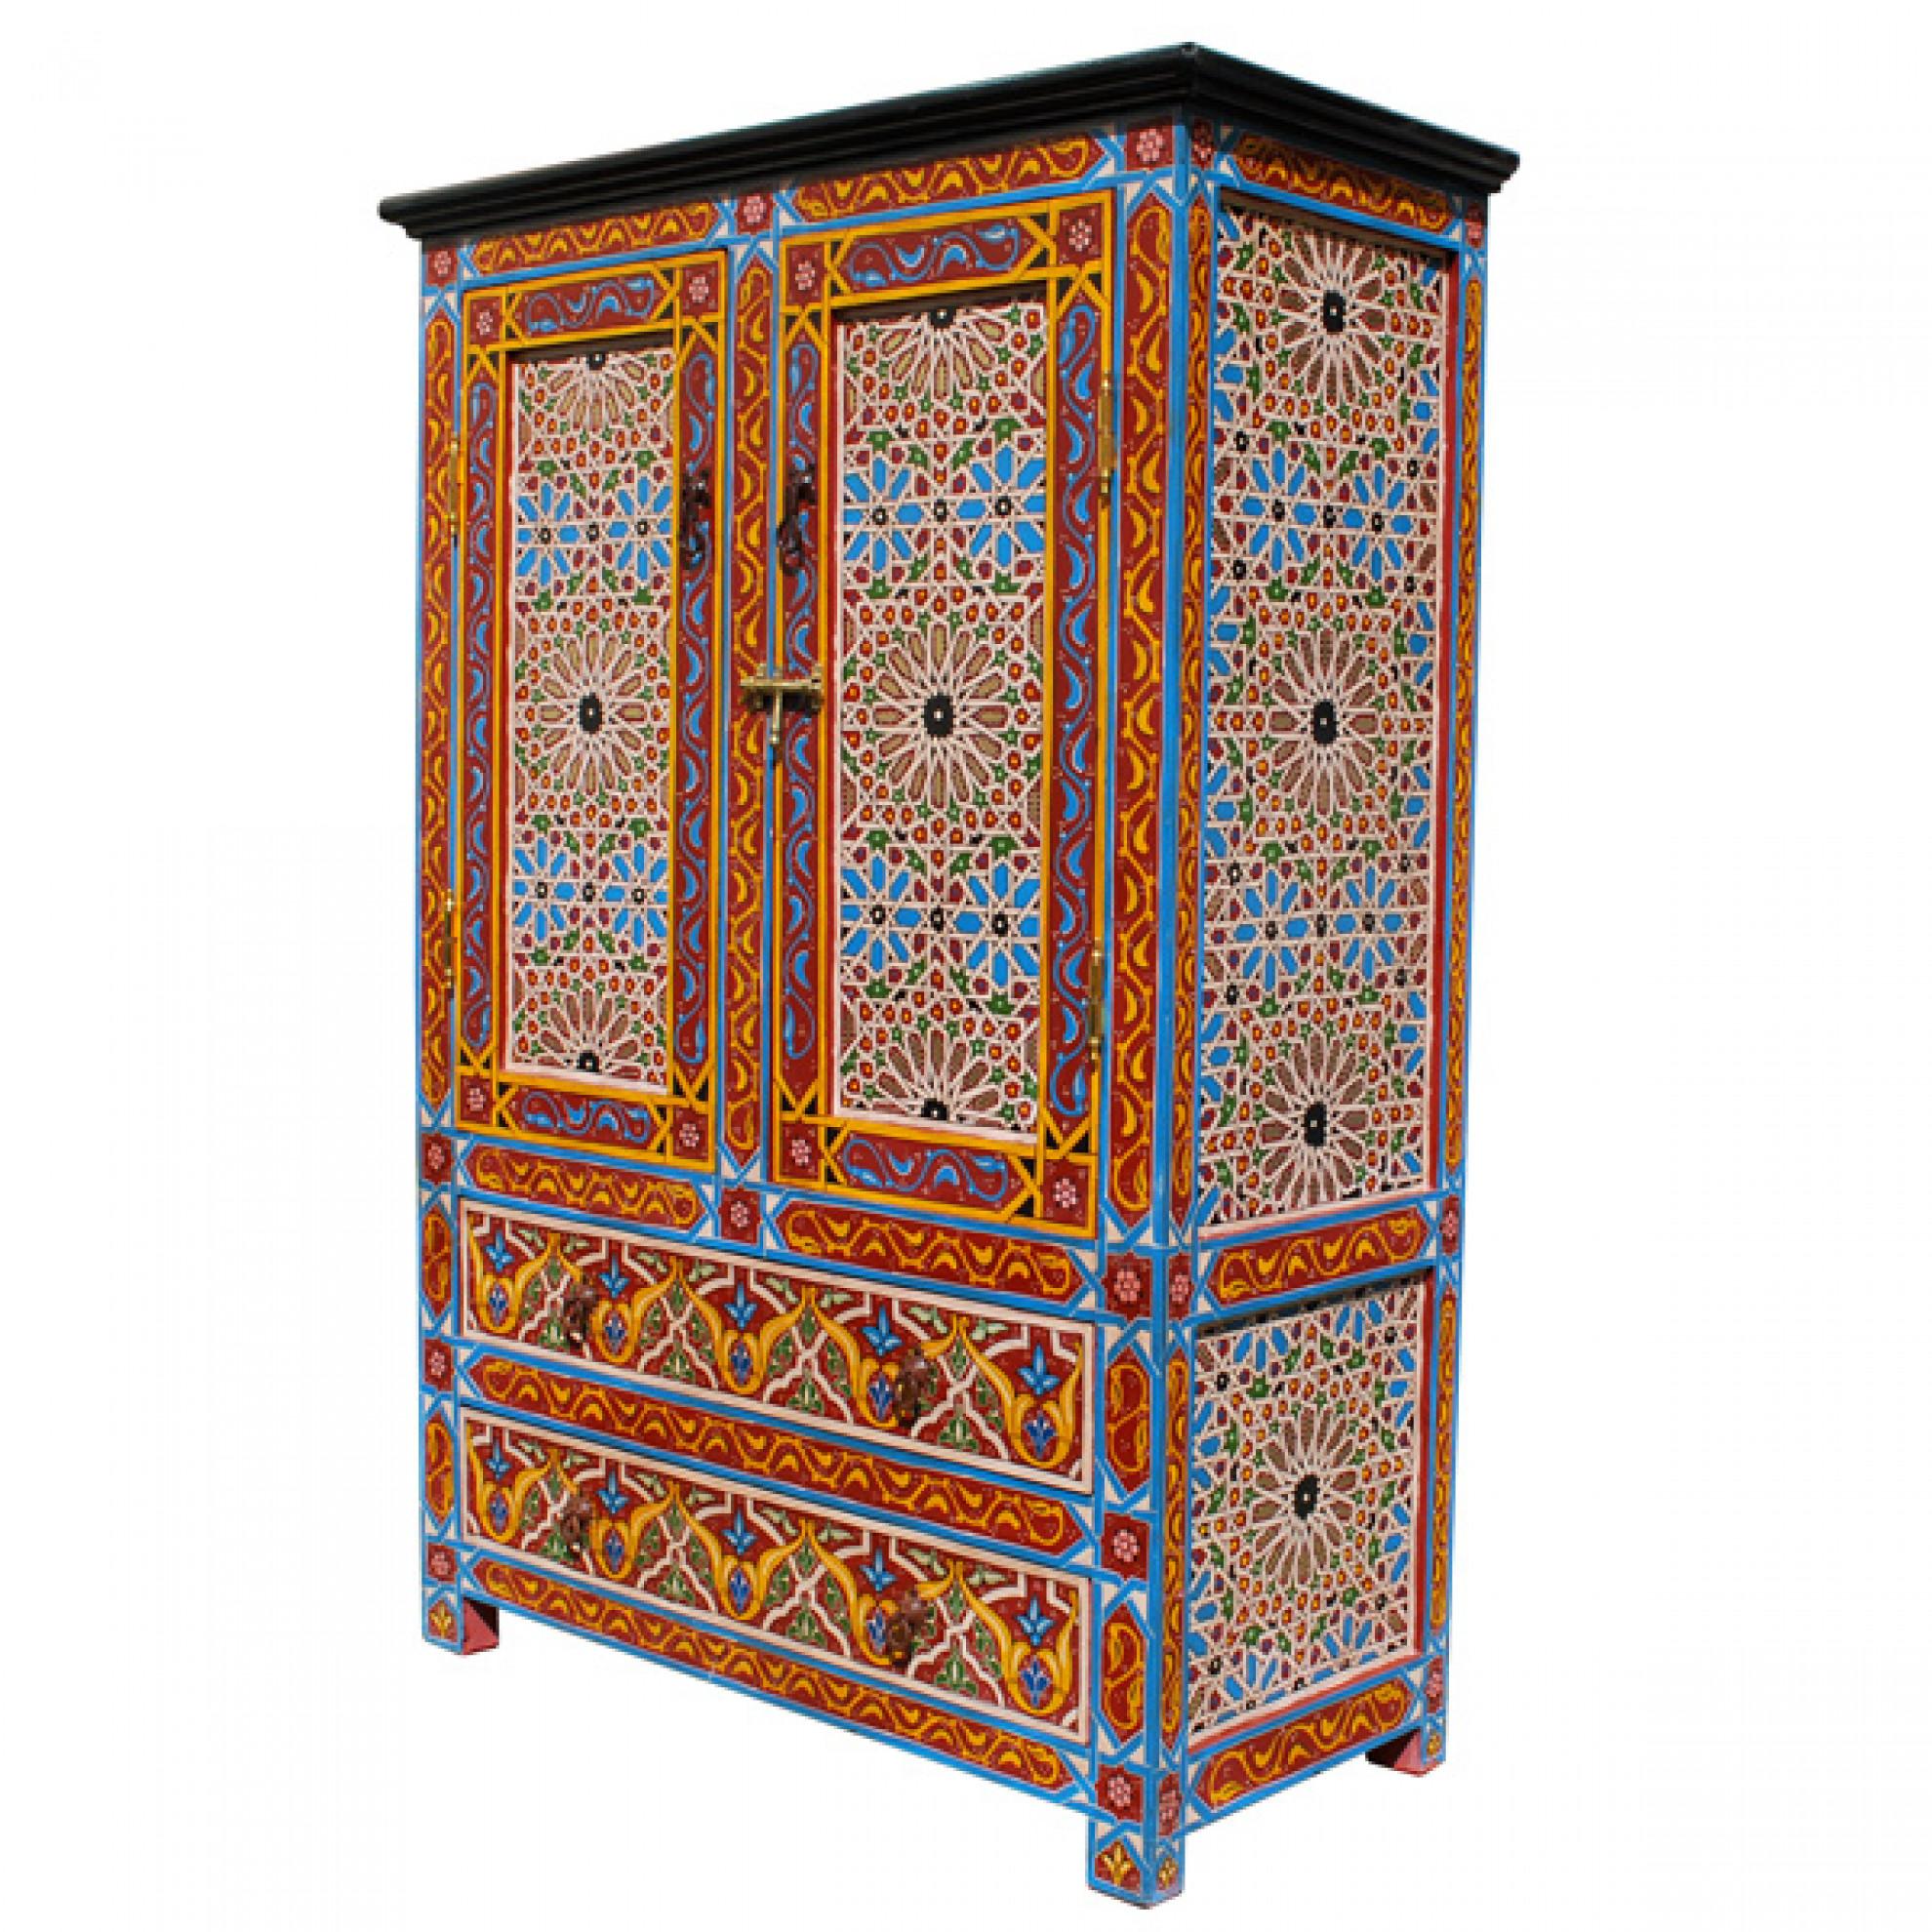 Moderne Einrichtung mit arabischem Flair Teppich an der Wand